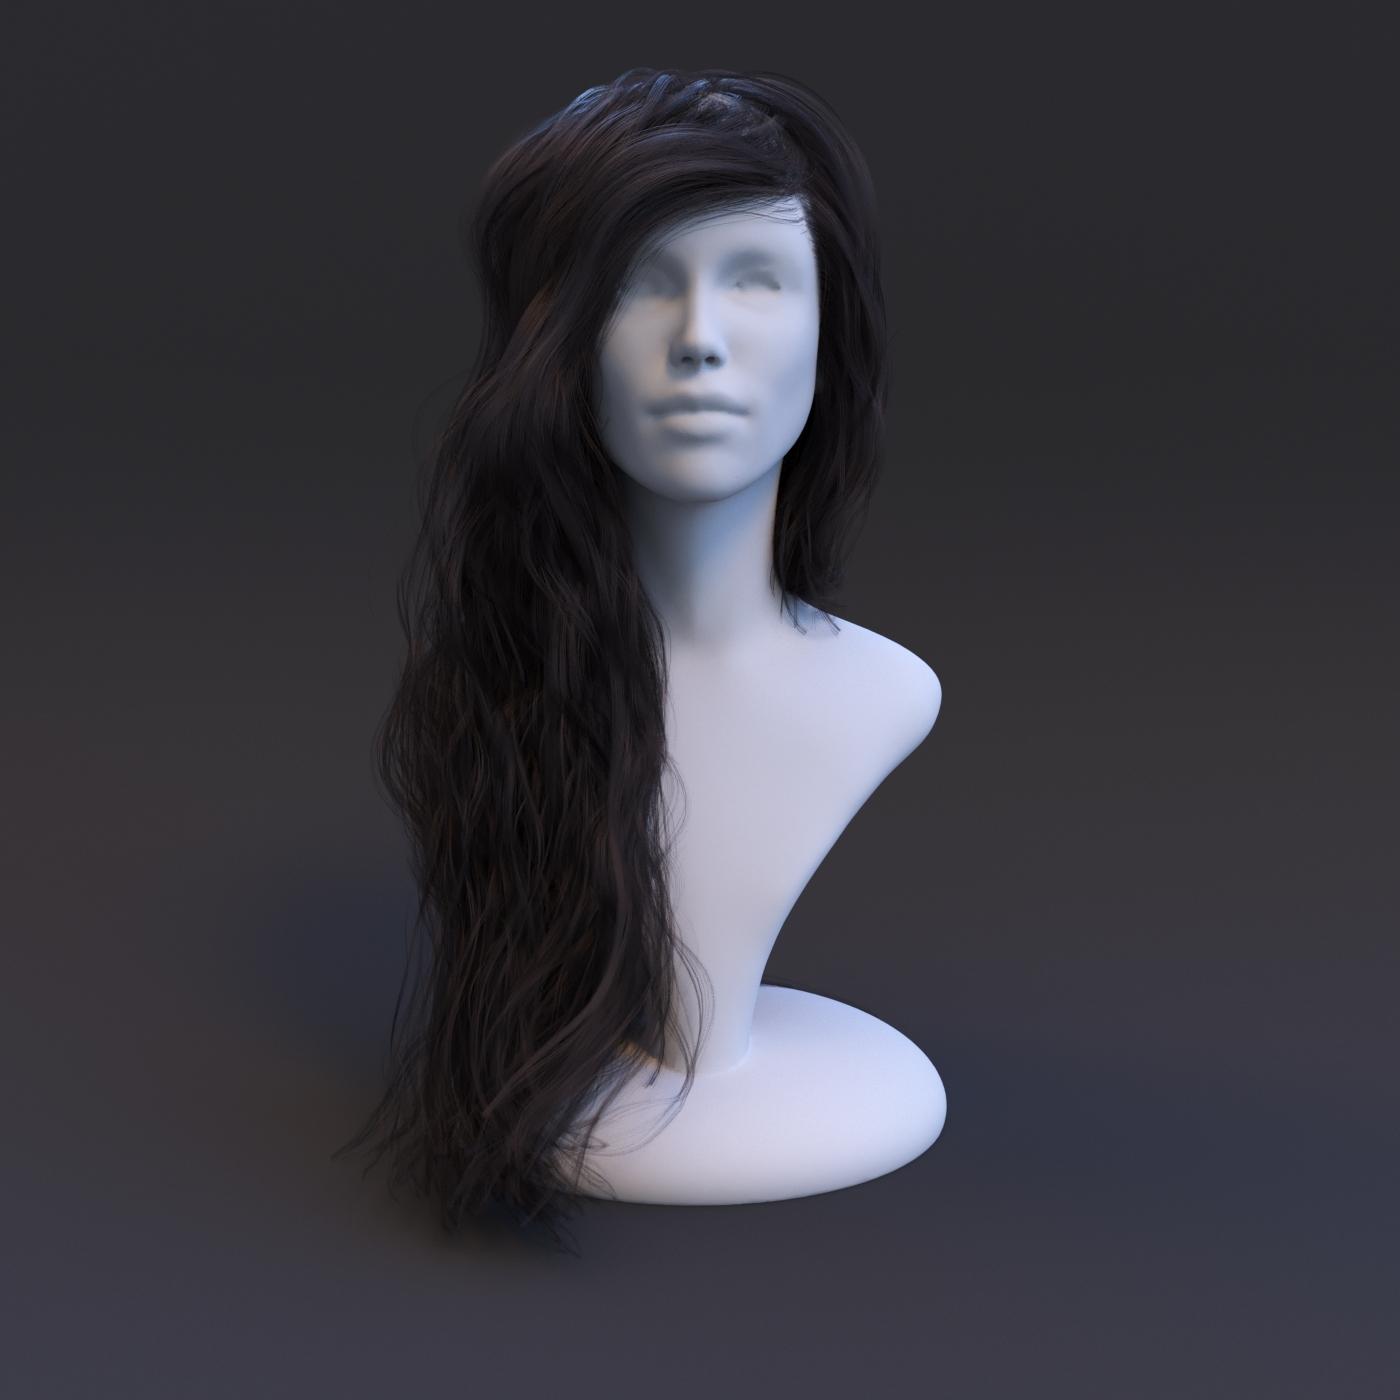 0310_Hair_Material_10_Black